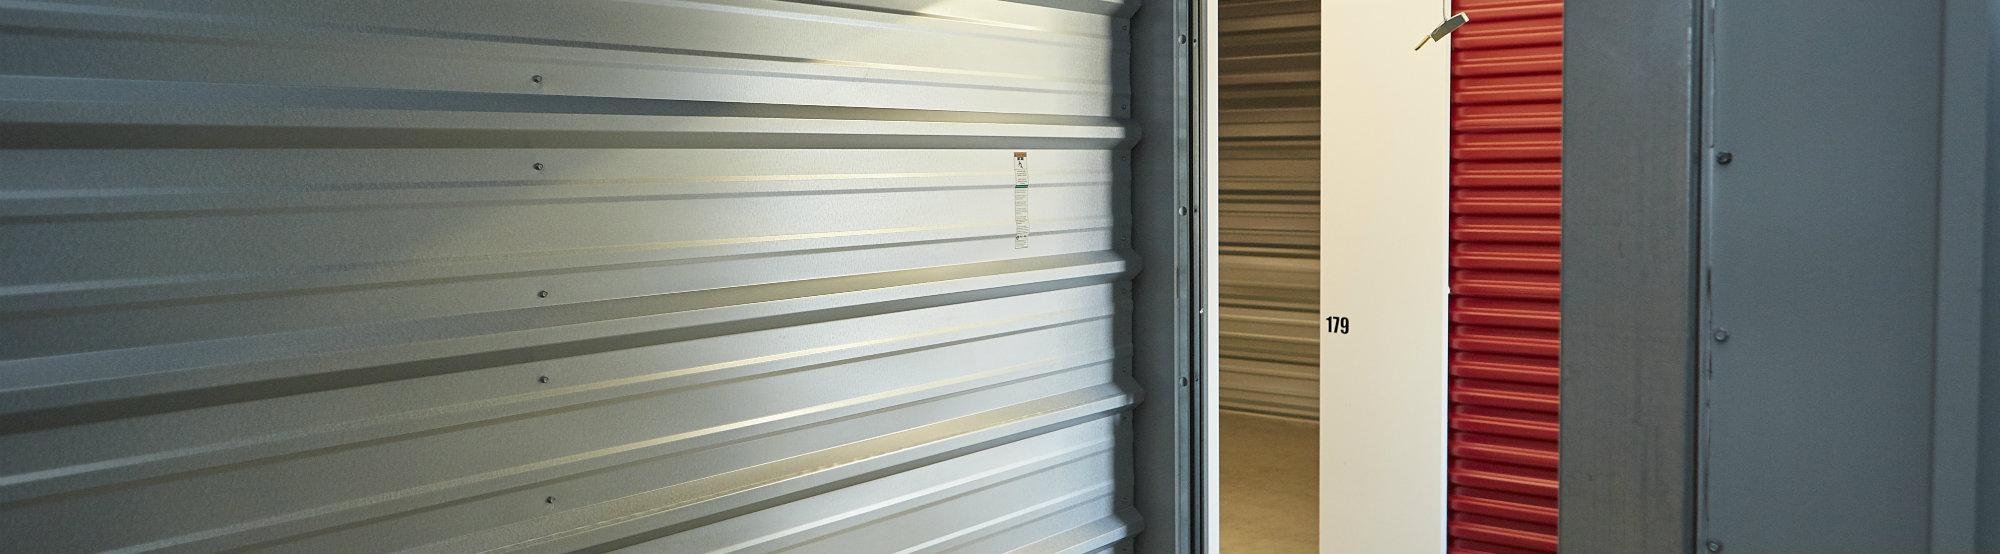 Exterior Storage Unit